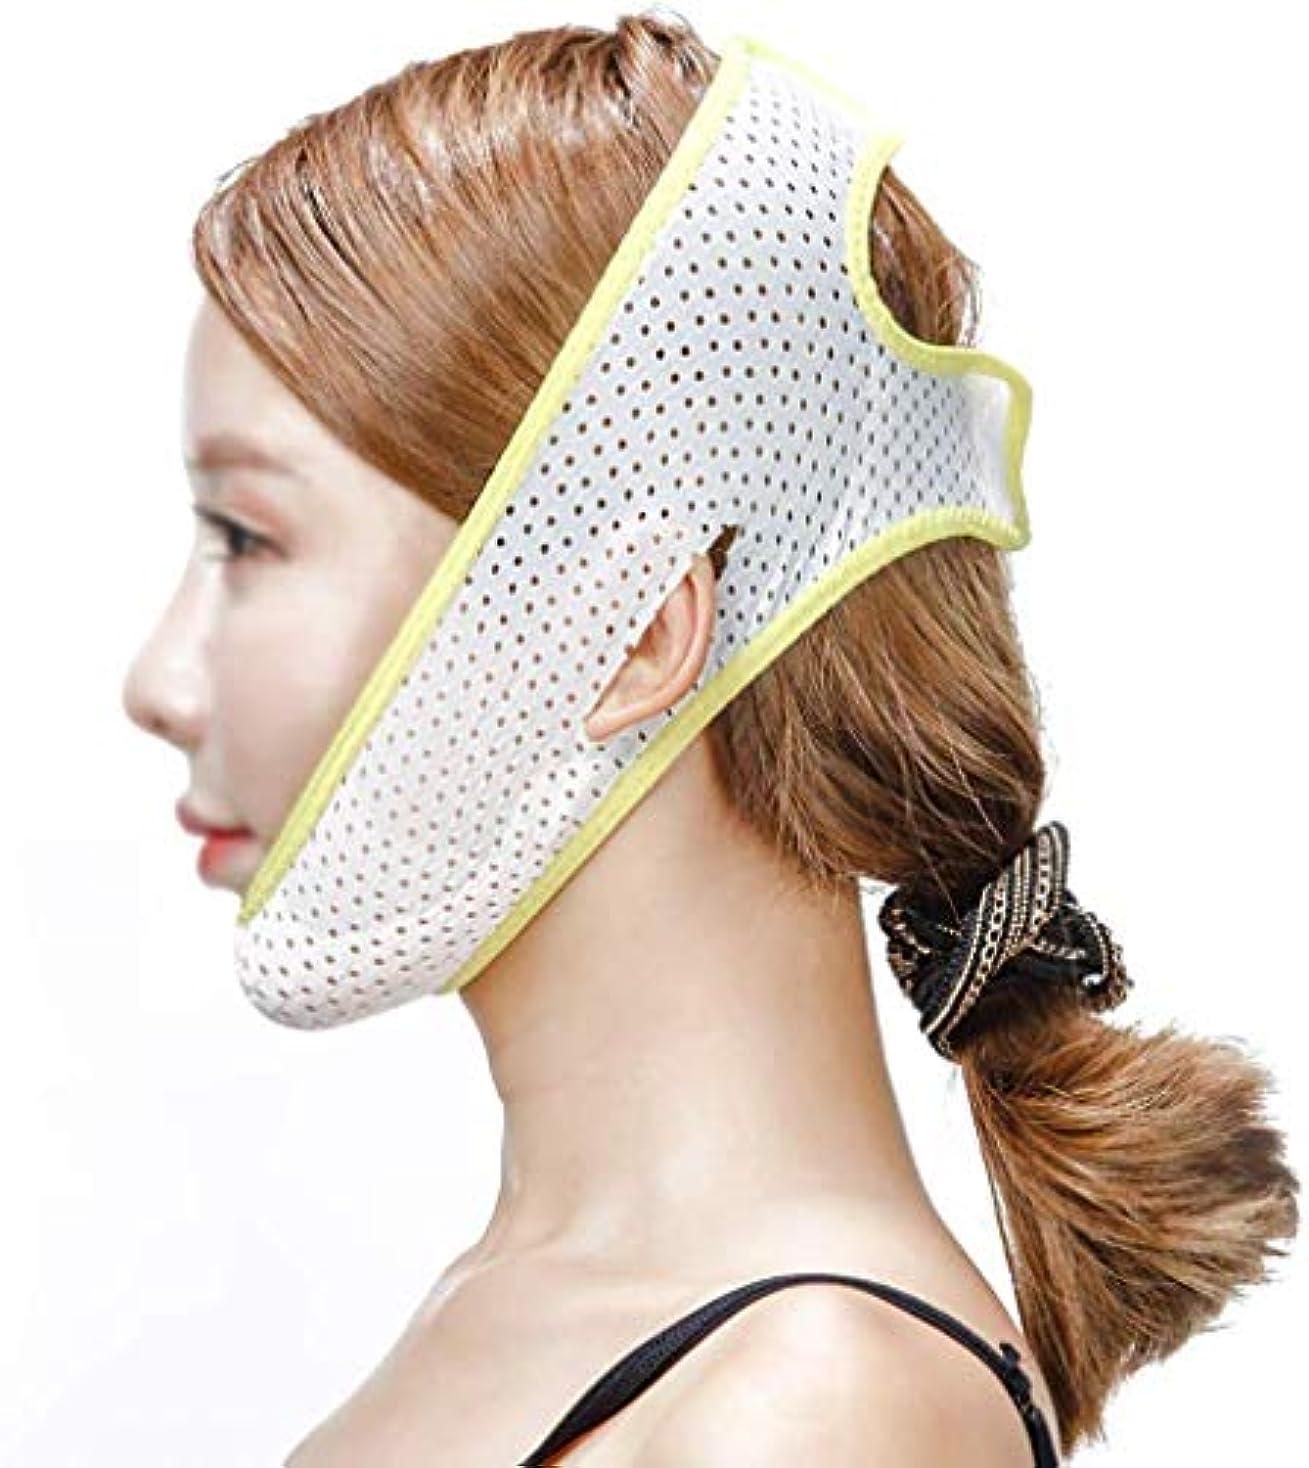 陰謀トレイル間隔HEMFV 顔のスリミングストラップ - チンはフェイシャルマスクを持ち上げては - 皮膚のたるみを排除します